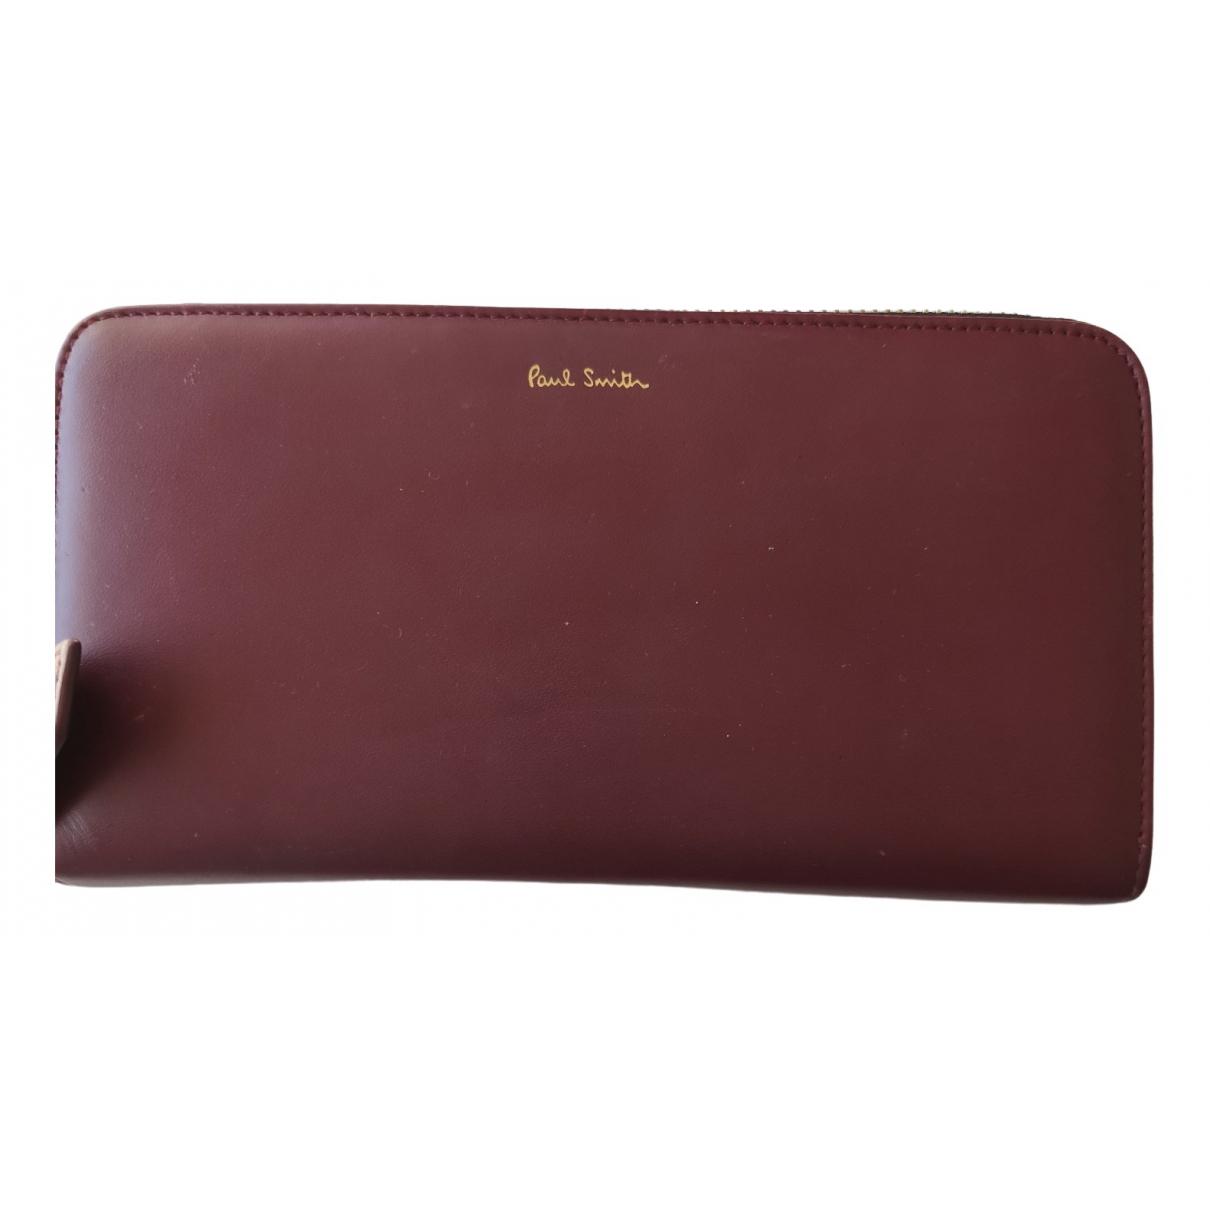 Paul Smith - Portefeuille   pour femme en cuir - bordeaux